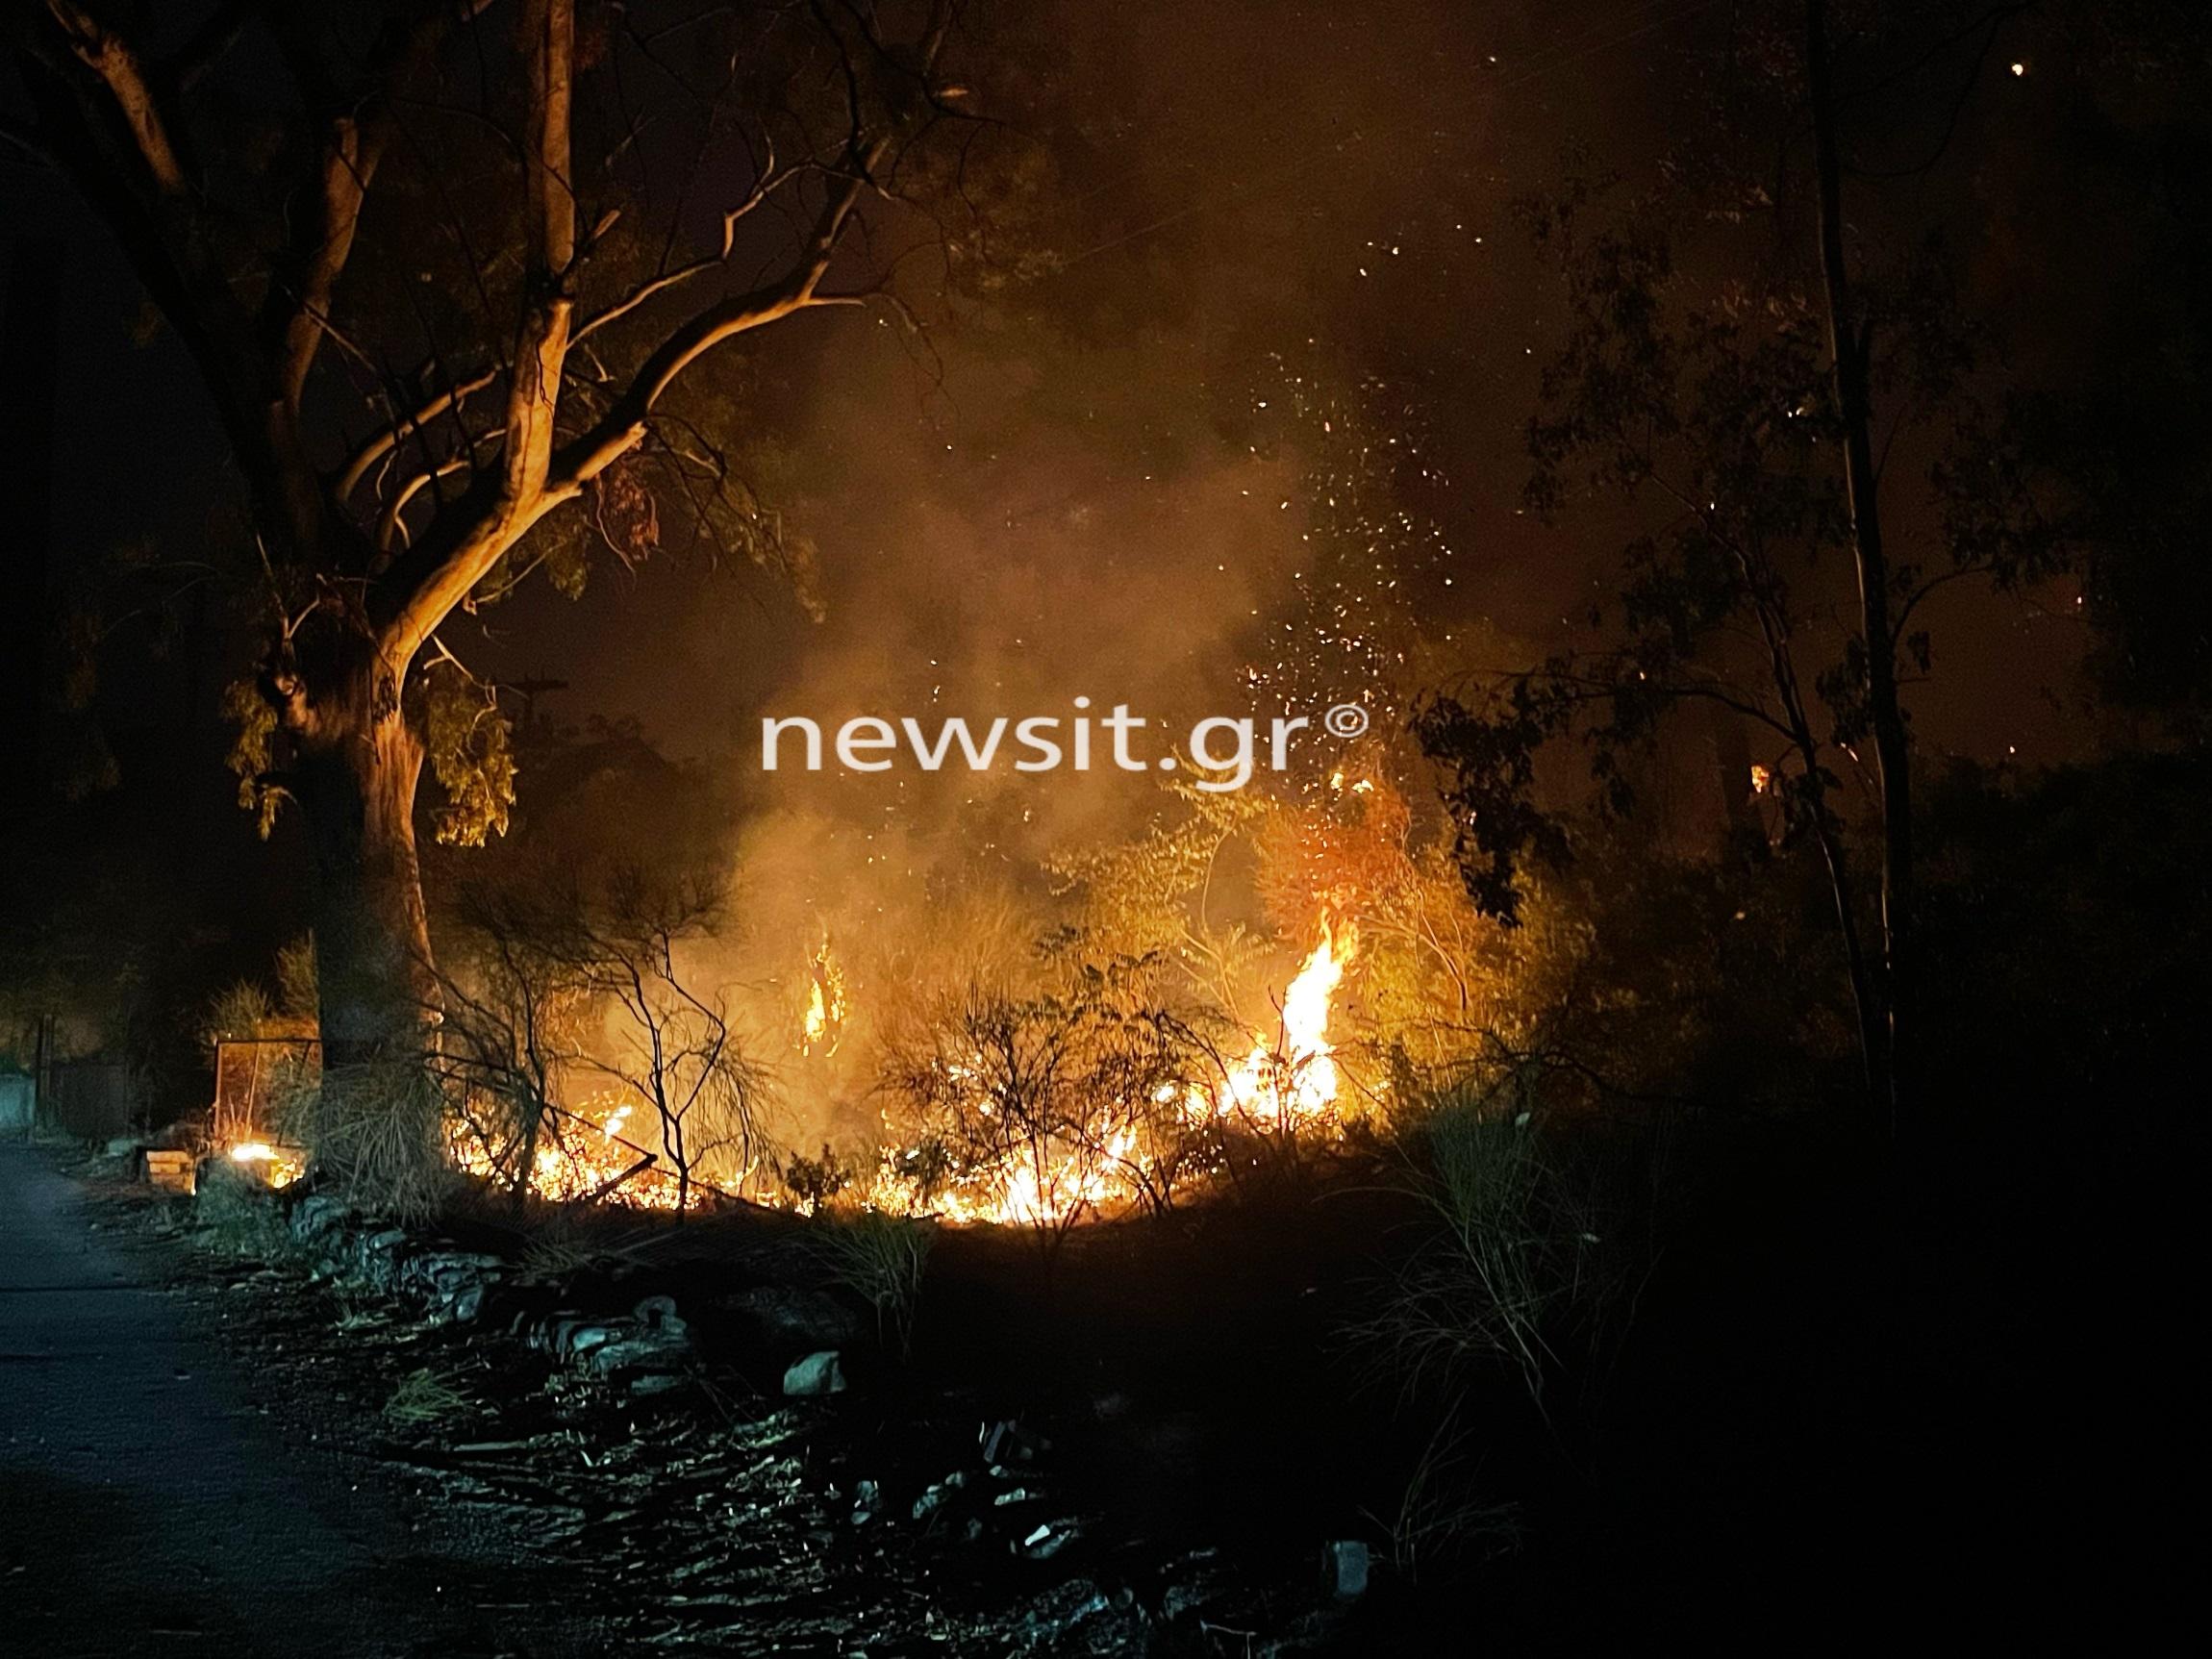 Φωτιά στην Εύβοια: Νέο μέτωπο στην Δάφνη, κοντά στις Ροβιές – Κρίσιμες στιγμές σε άλλες 4 περιοχές